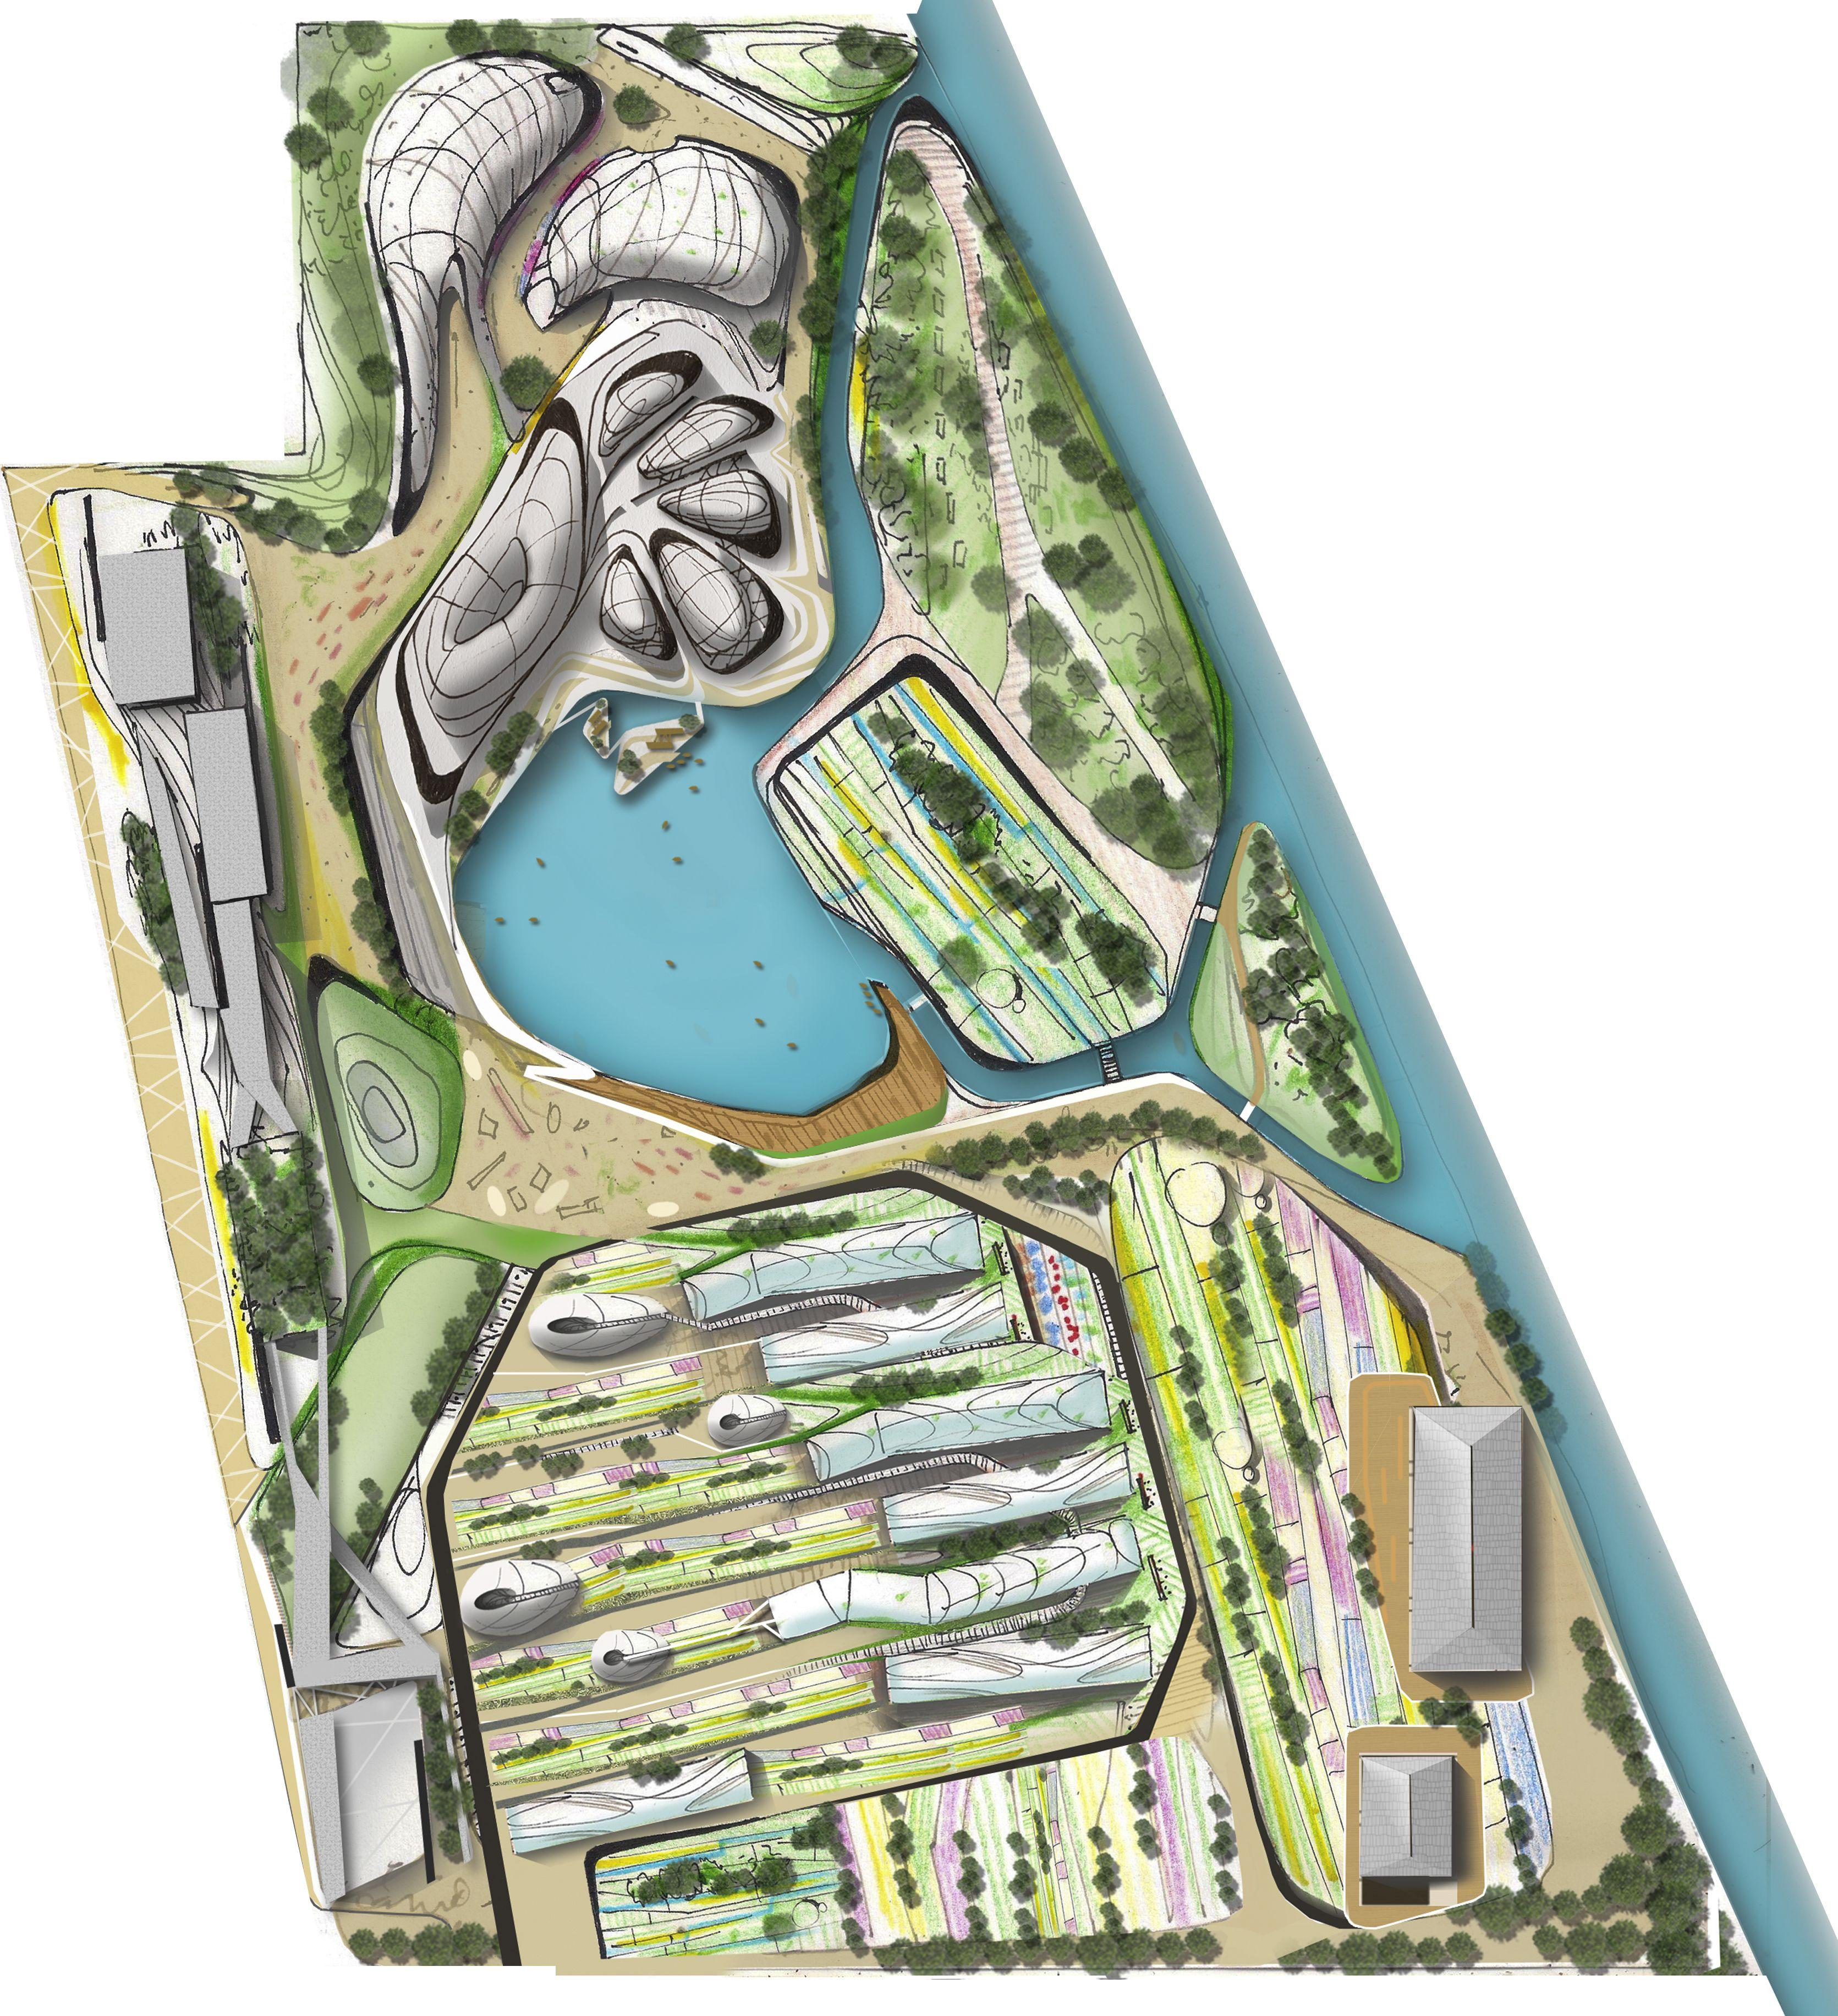 Idesign Parking Design Master Plan Agriculture